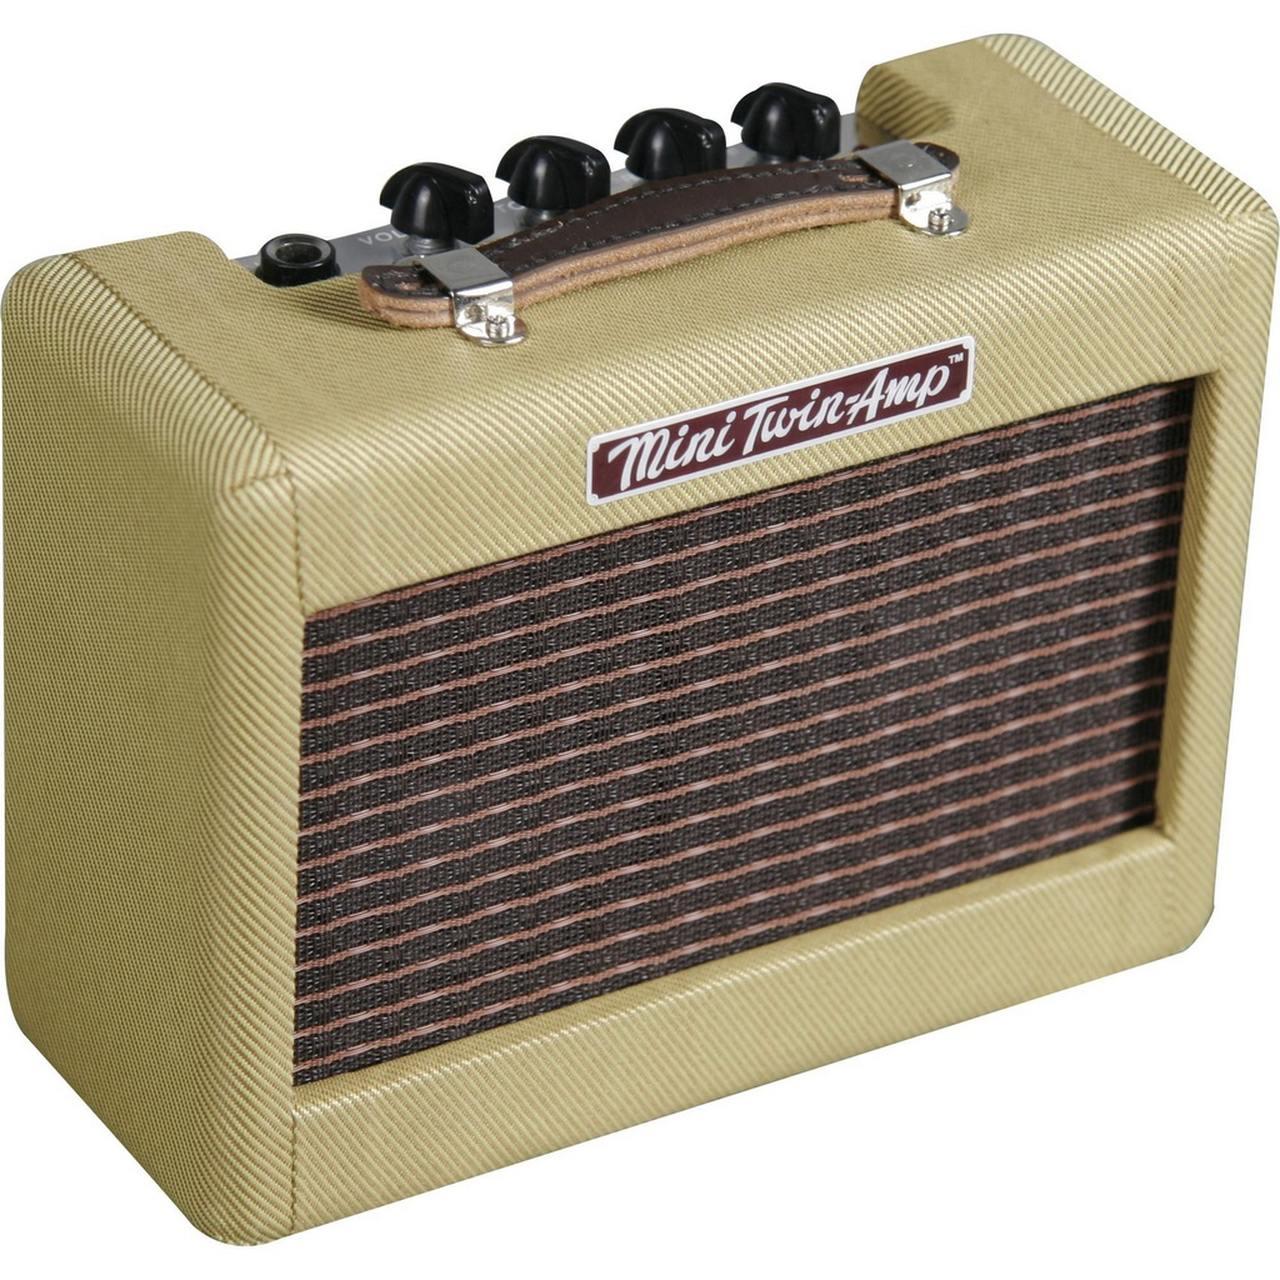 Mini Amplificador Fender Twin Amp 57' Tweed Vintage